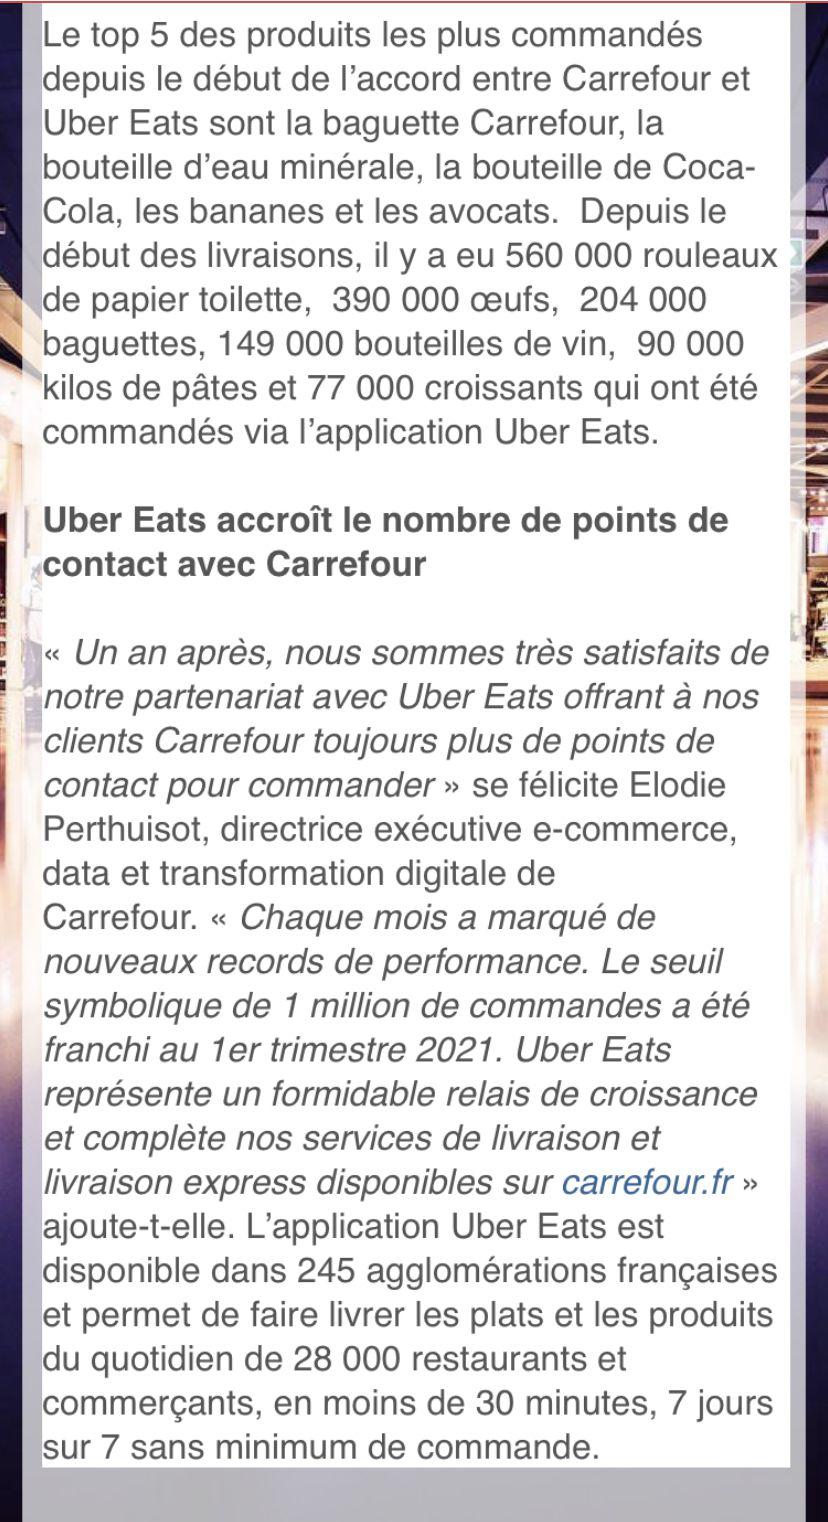 Carrefour-Uber Eats :le partenariat s'accélère avec un service de livraison entre 10-20 minutes